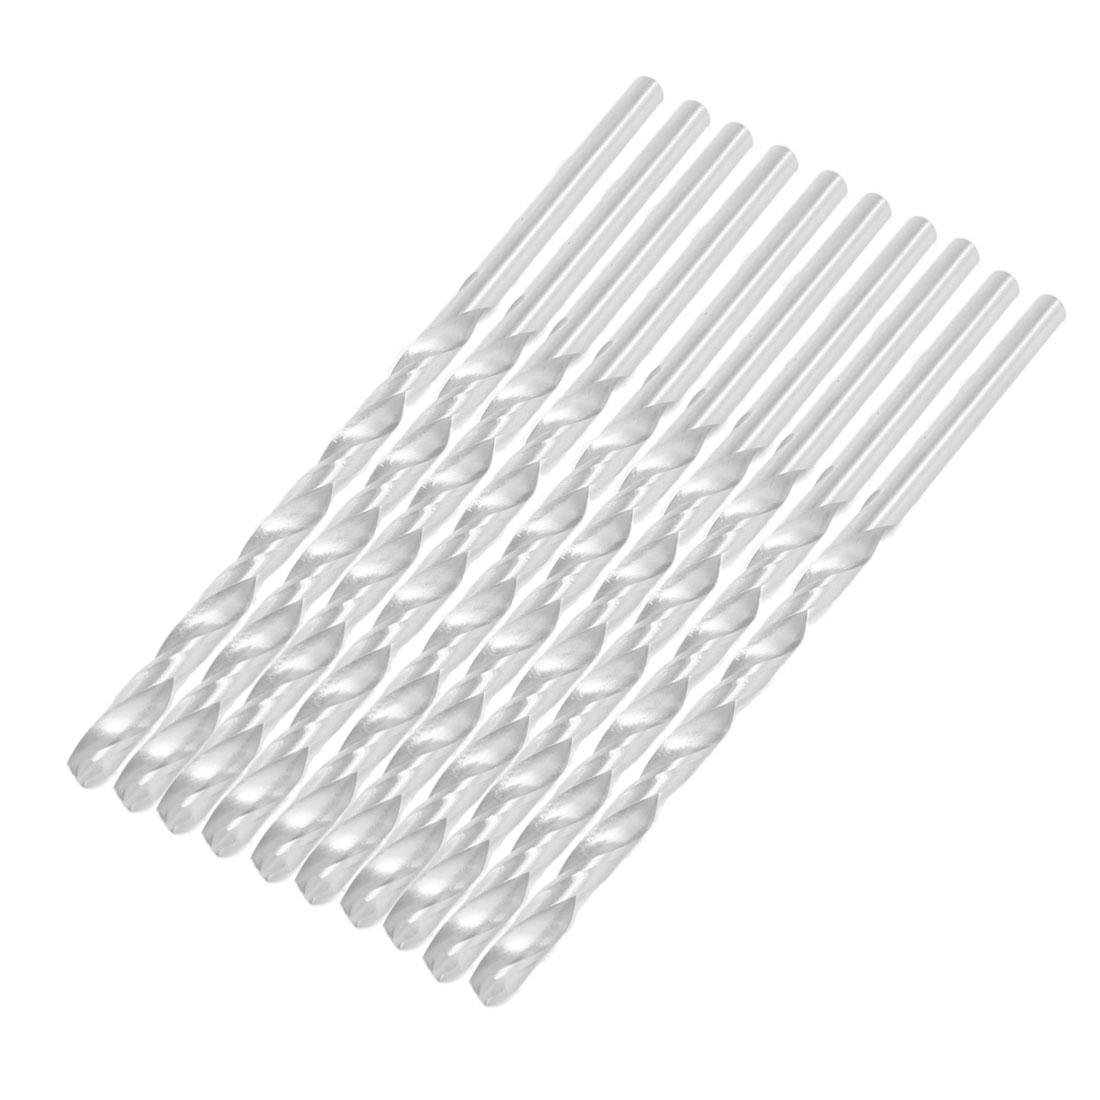 5.2mm x 133mm Metal Marble Drilling High Speed Steel Spiral Drill Bits 10 Pcs